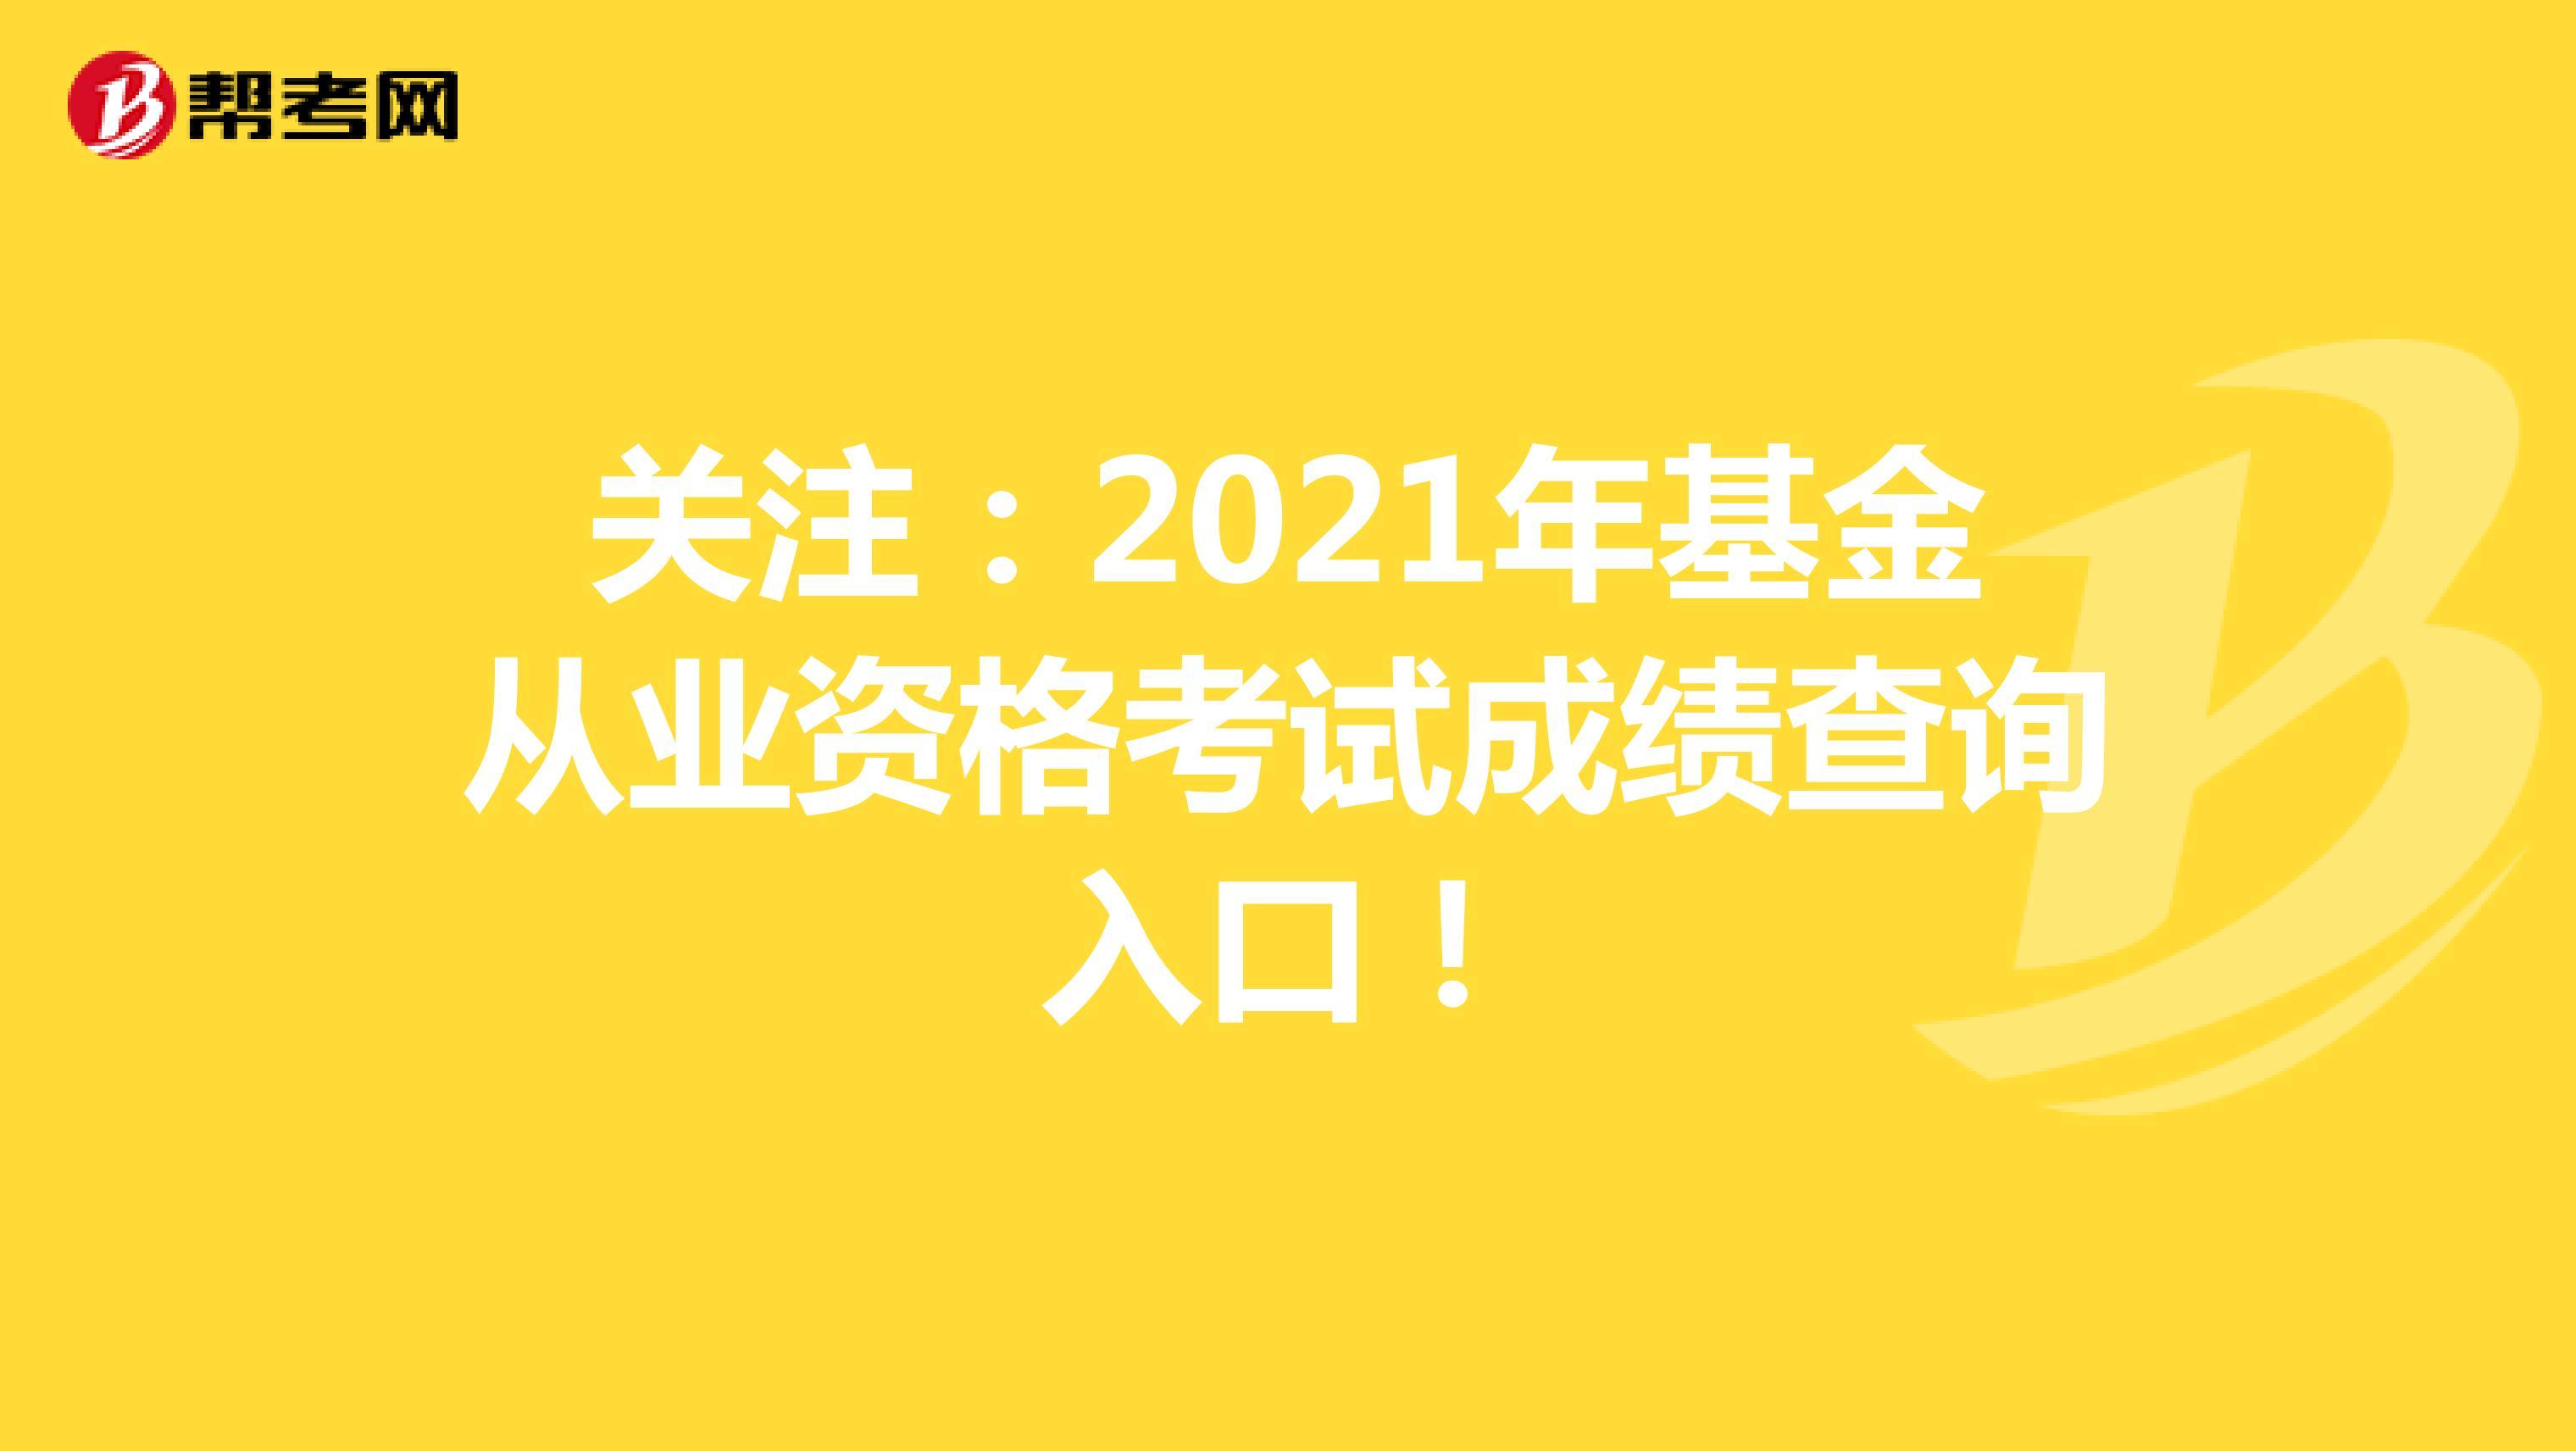 关注:2021年基金从业资格考试成绩查询入口!